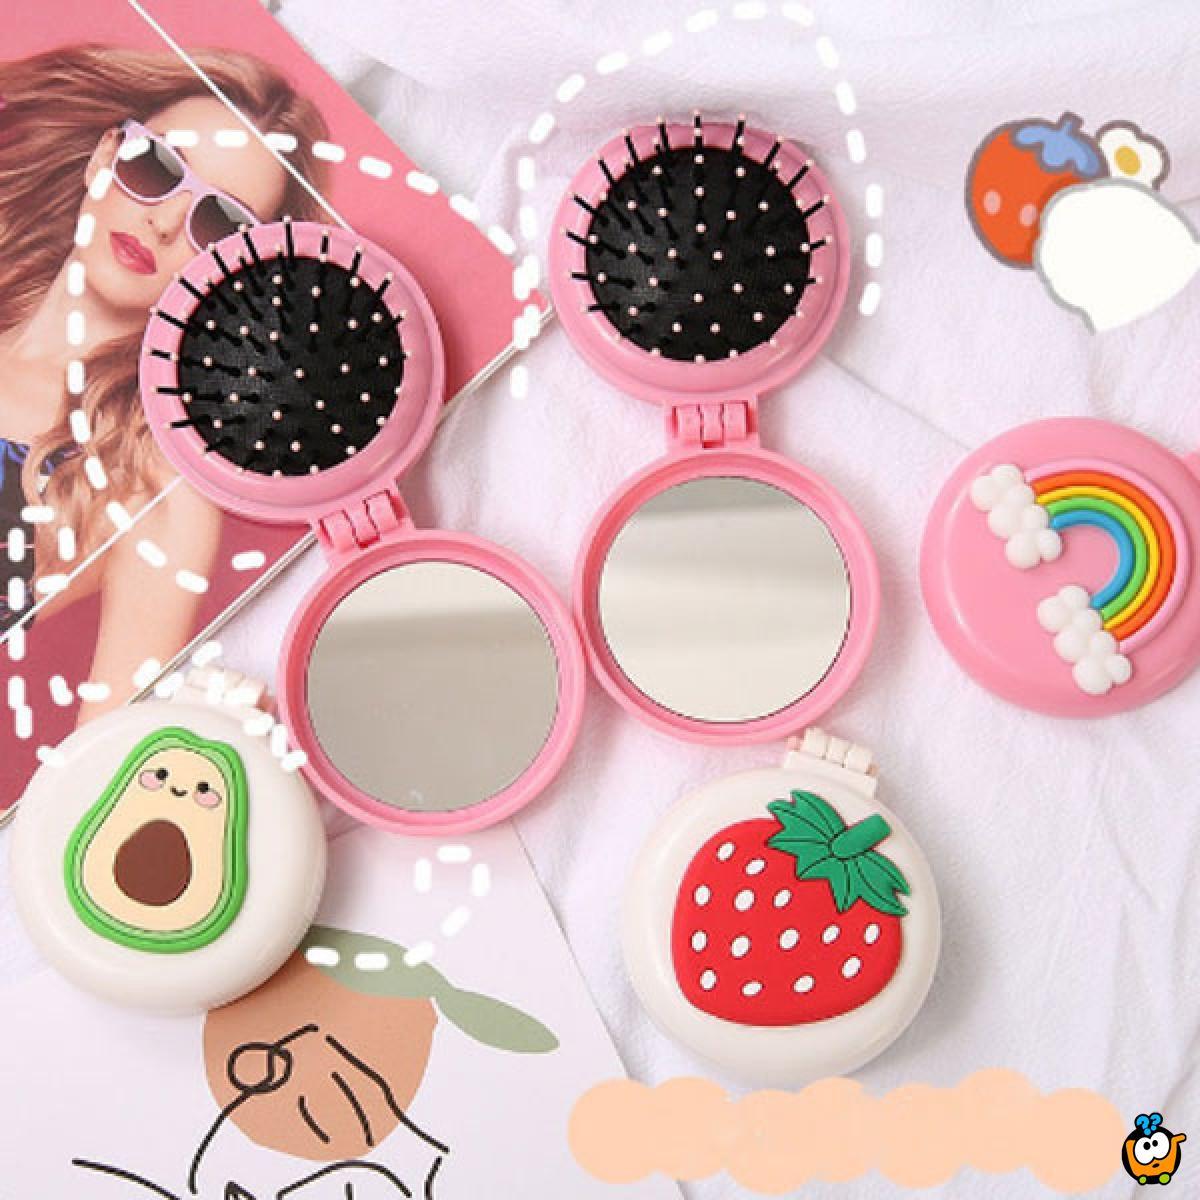 Candy Mirror - 2u1 četka sa ogledalcetom